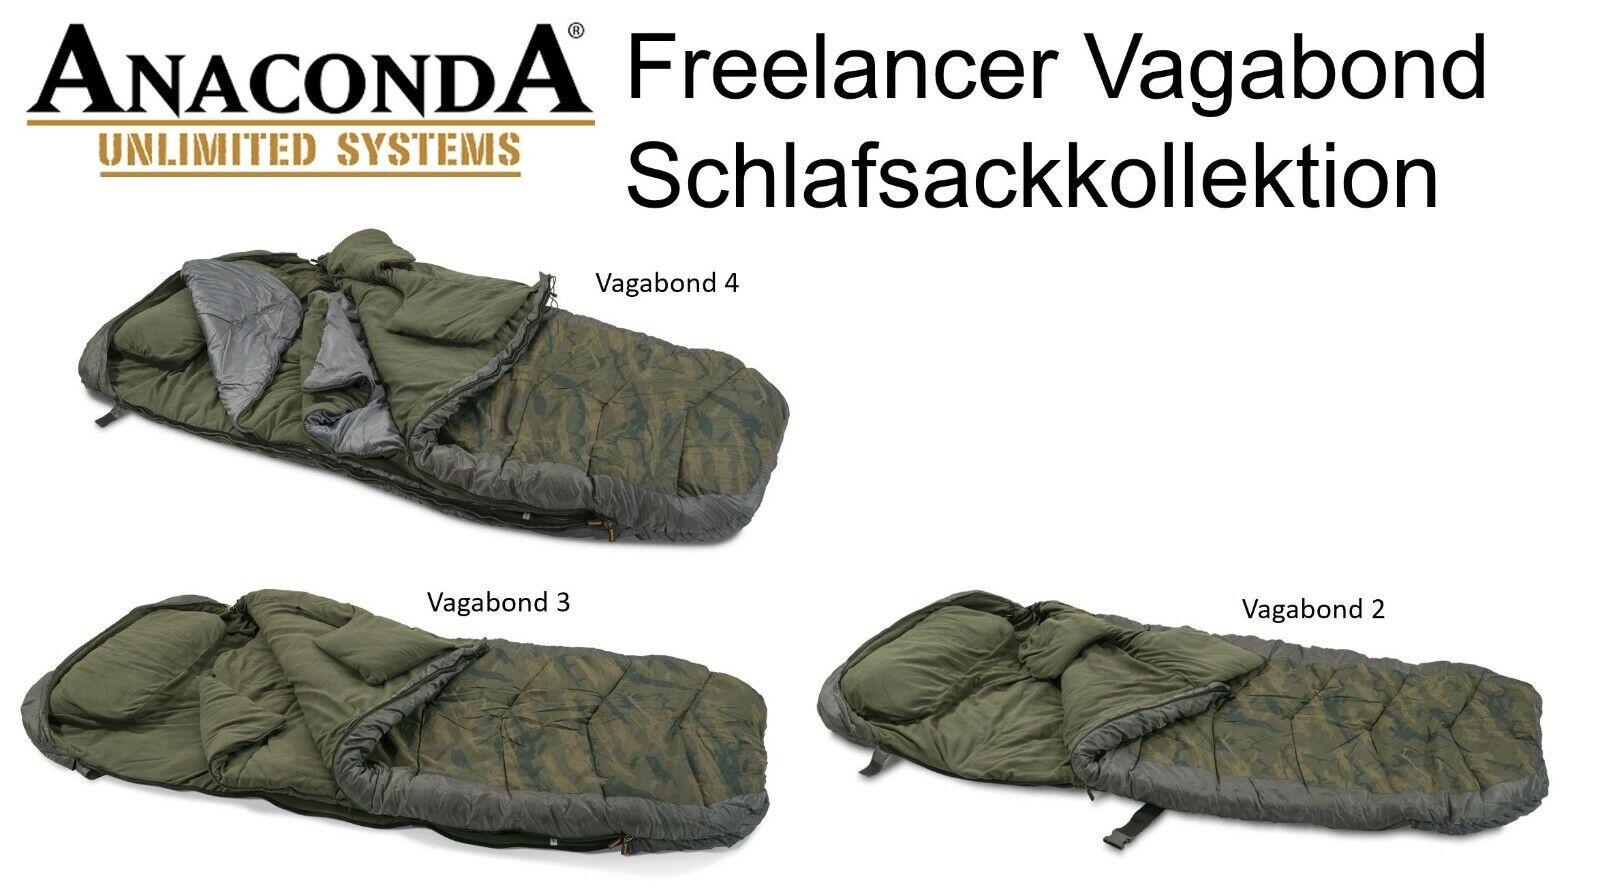 Anaconda Freelancer Vagabond - Schlafsackkollektion im High End Bereich.